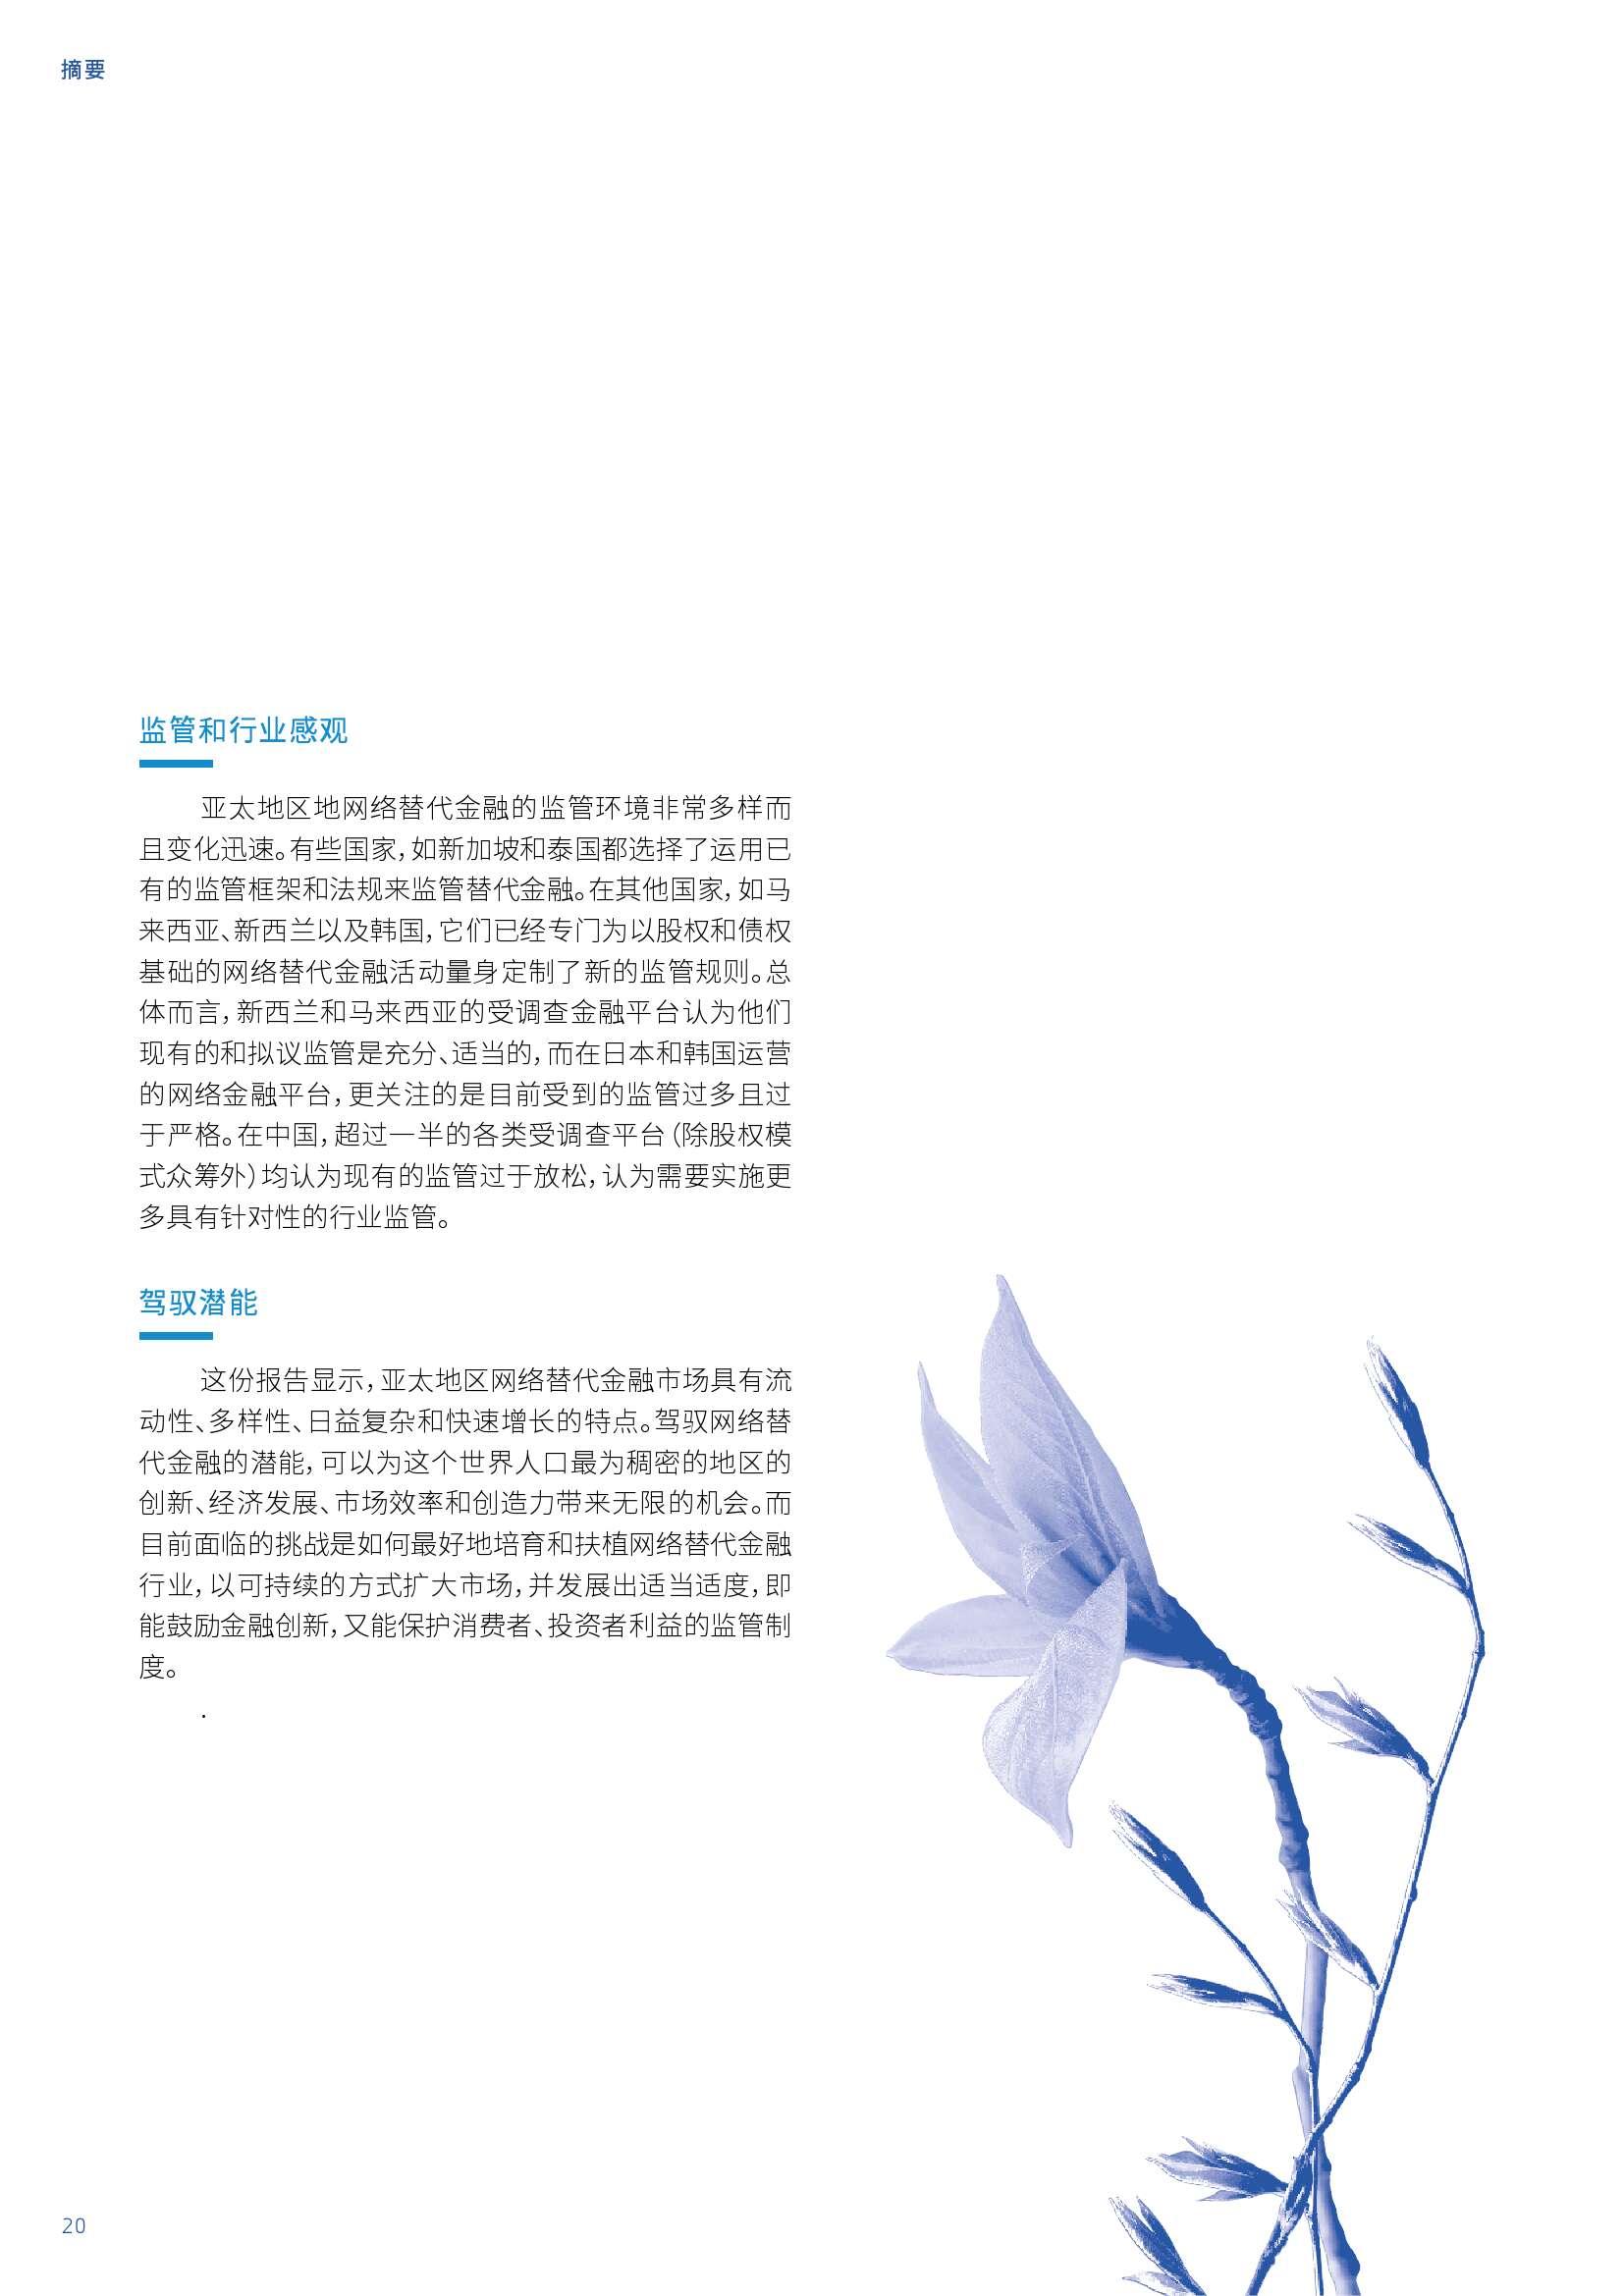 亚太地区网络替代金融基准报告_000020